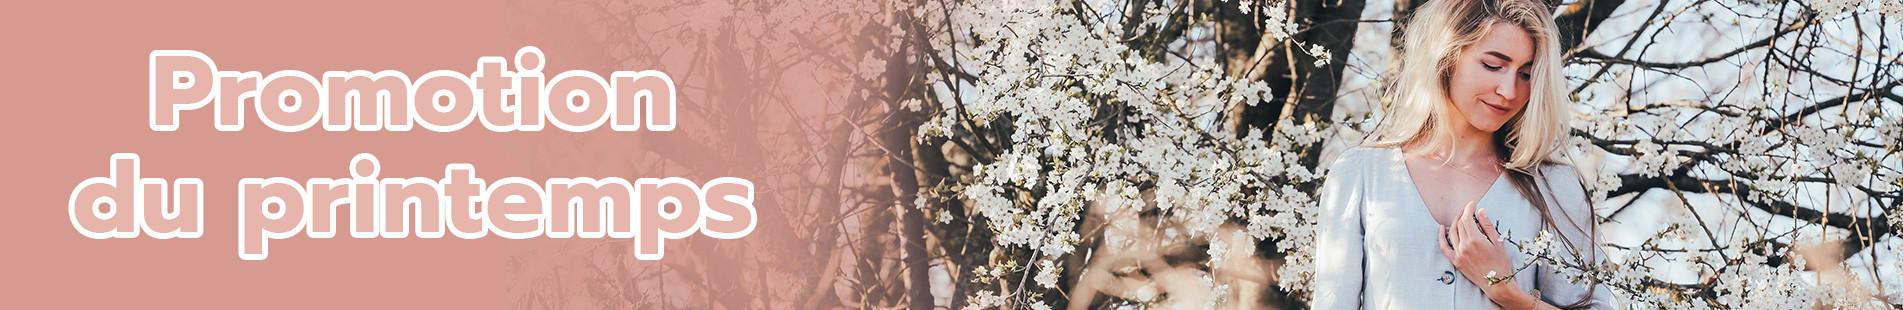 Promotions du printemps